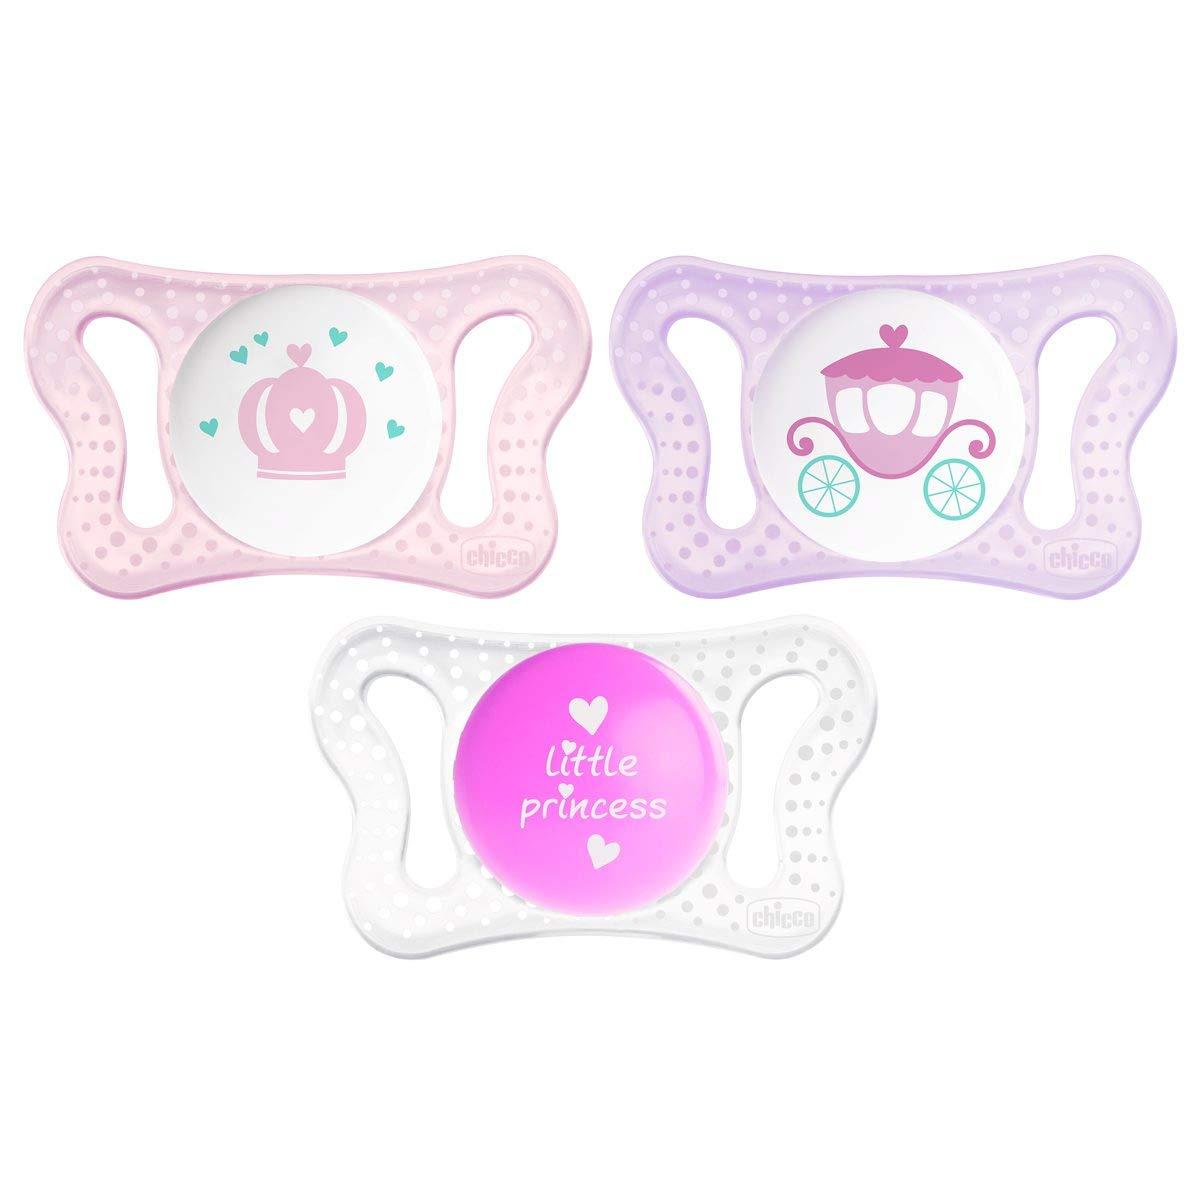 Chicco Physio Micr/ò color rosa modelos aleatorios Pack de dos chupetes de silicona reci/én nacido 0-2 meses